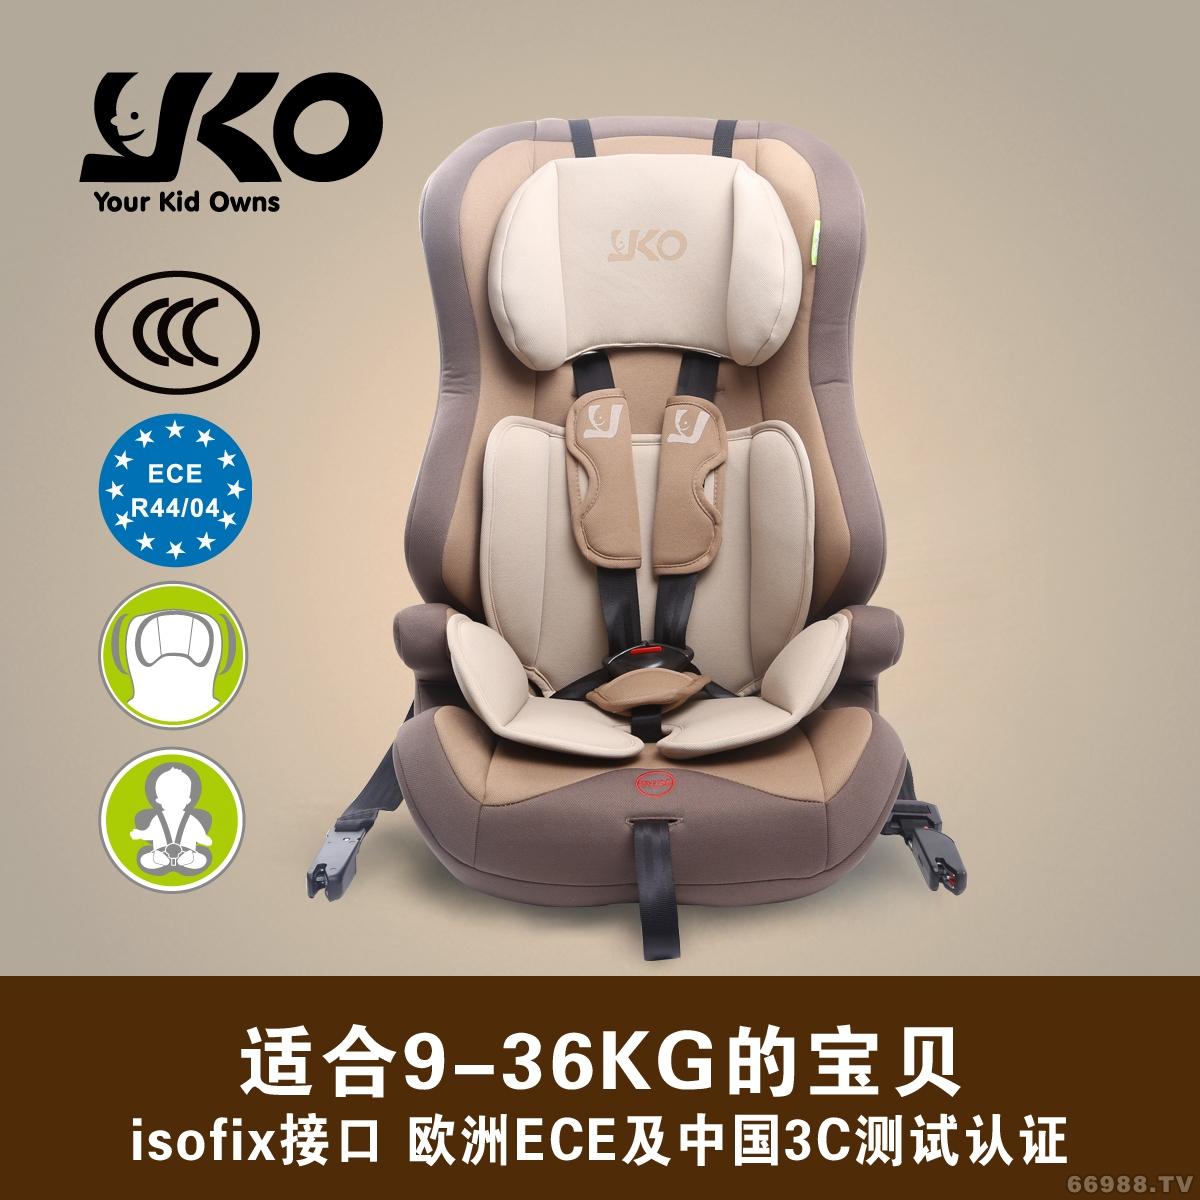 艺高YKO汽车儿童安全座椅 801